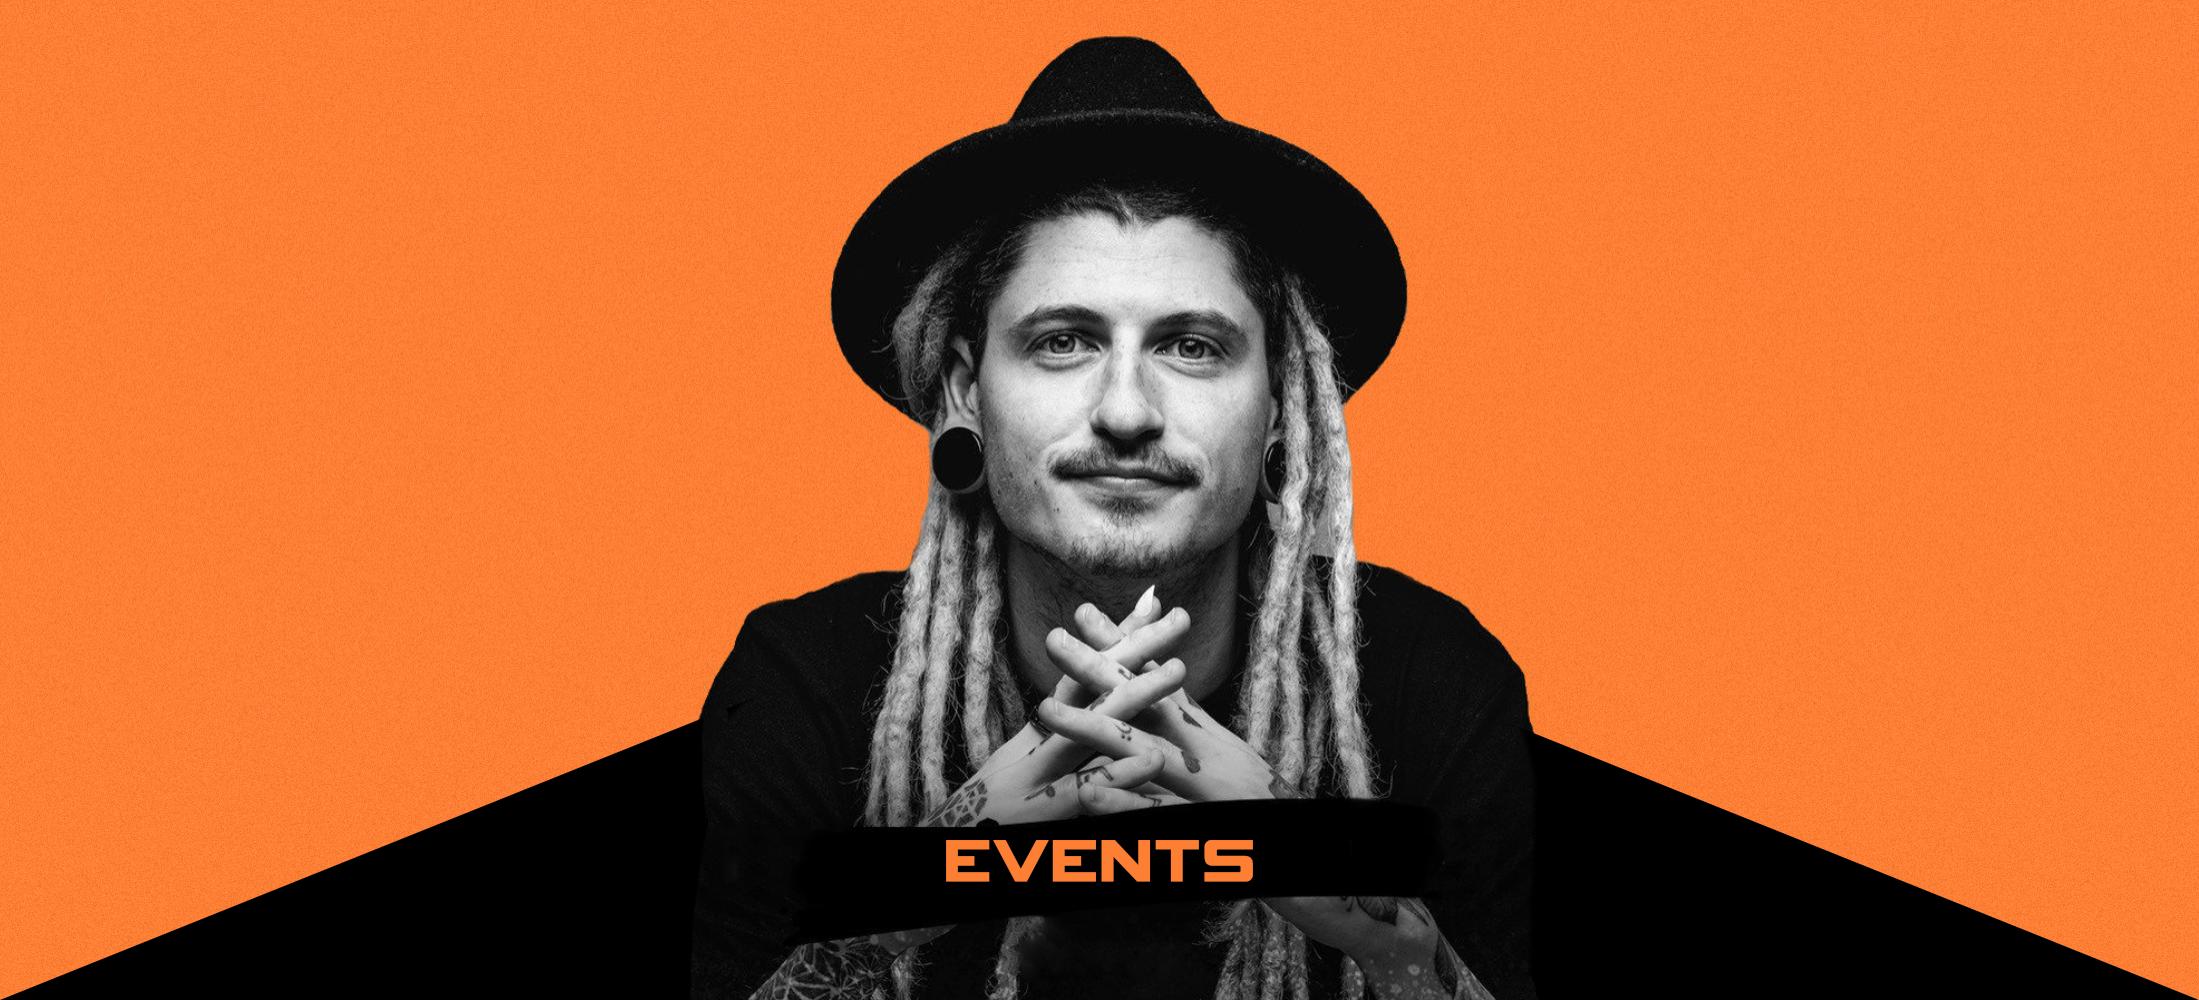 bg_hero-events